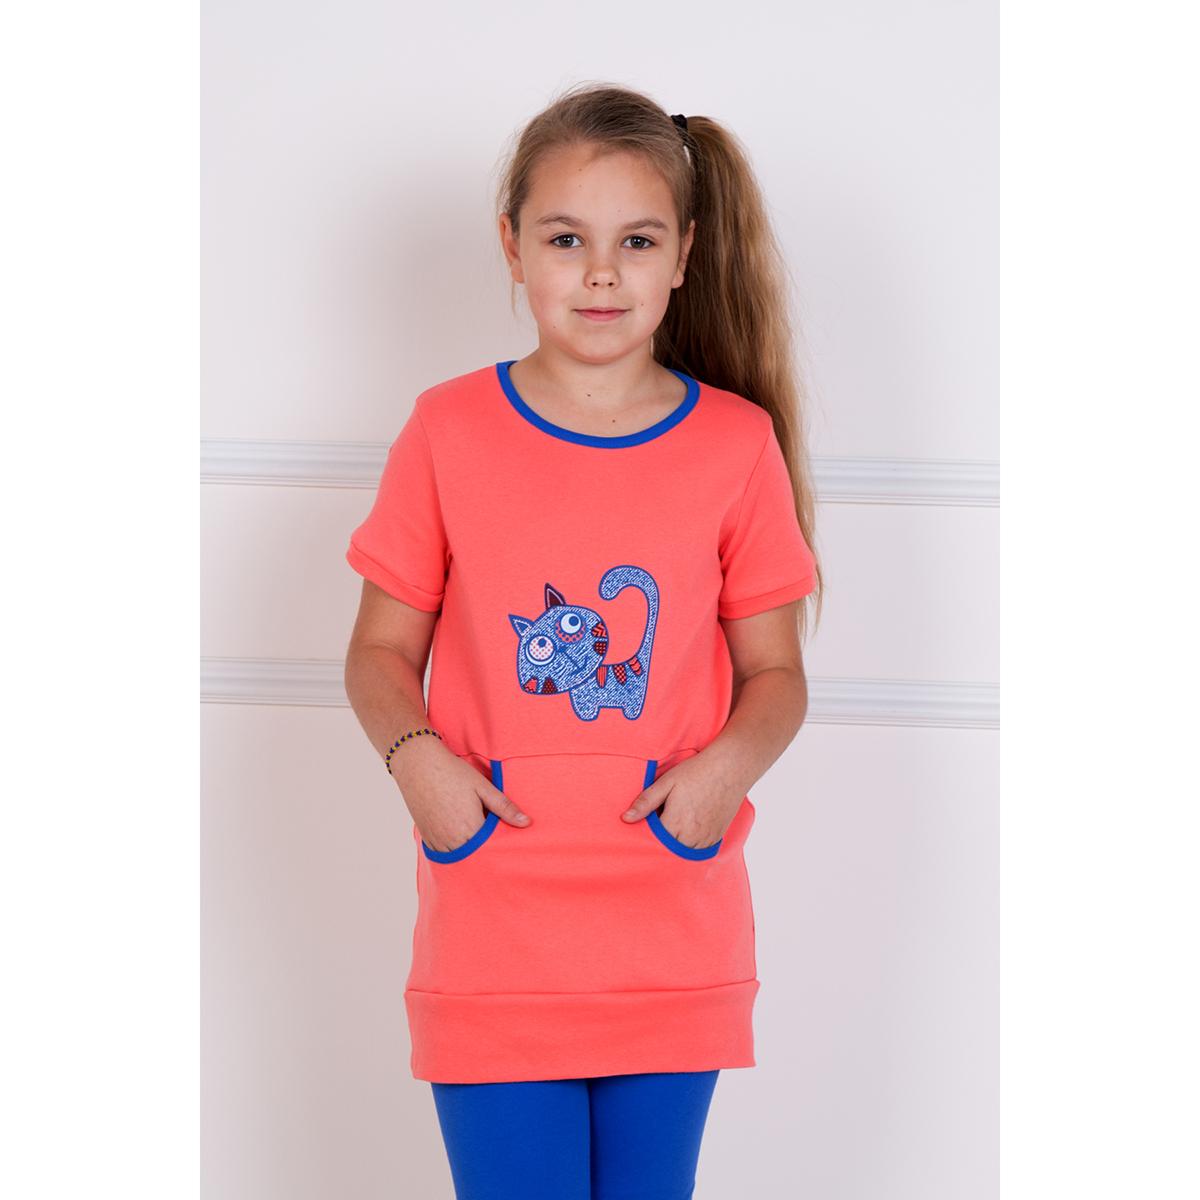 Детский костюм Мяу Персиковый, размер 30Костюмы<br><br><br>Тип: Дет. костюм<br>Размер: 30<br>Материал: Интерлок